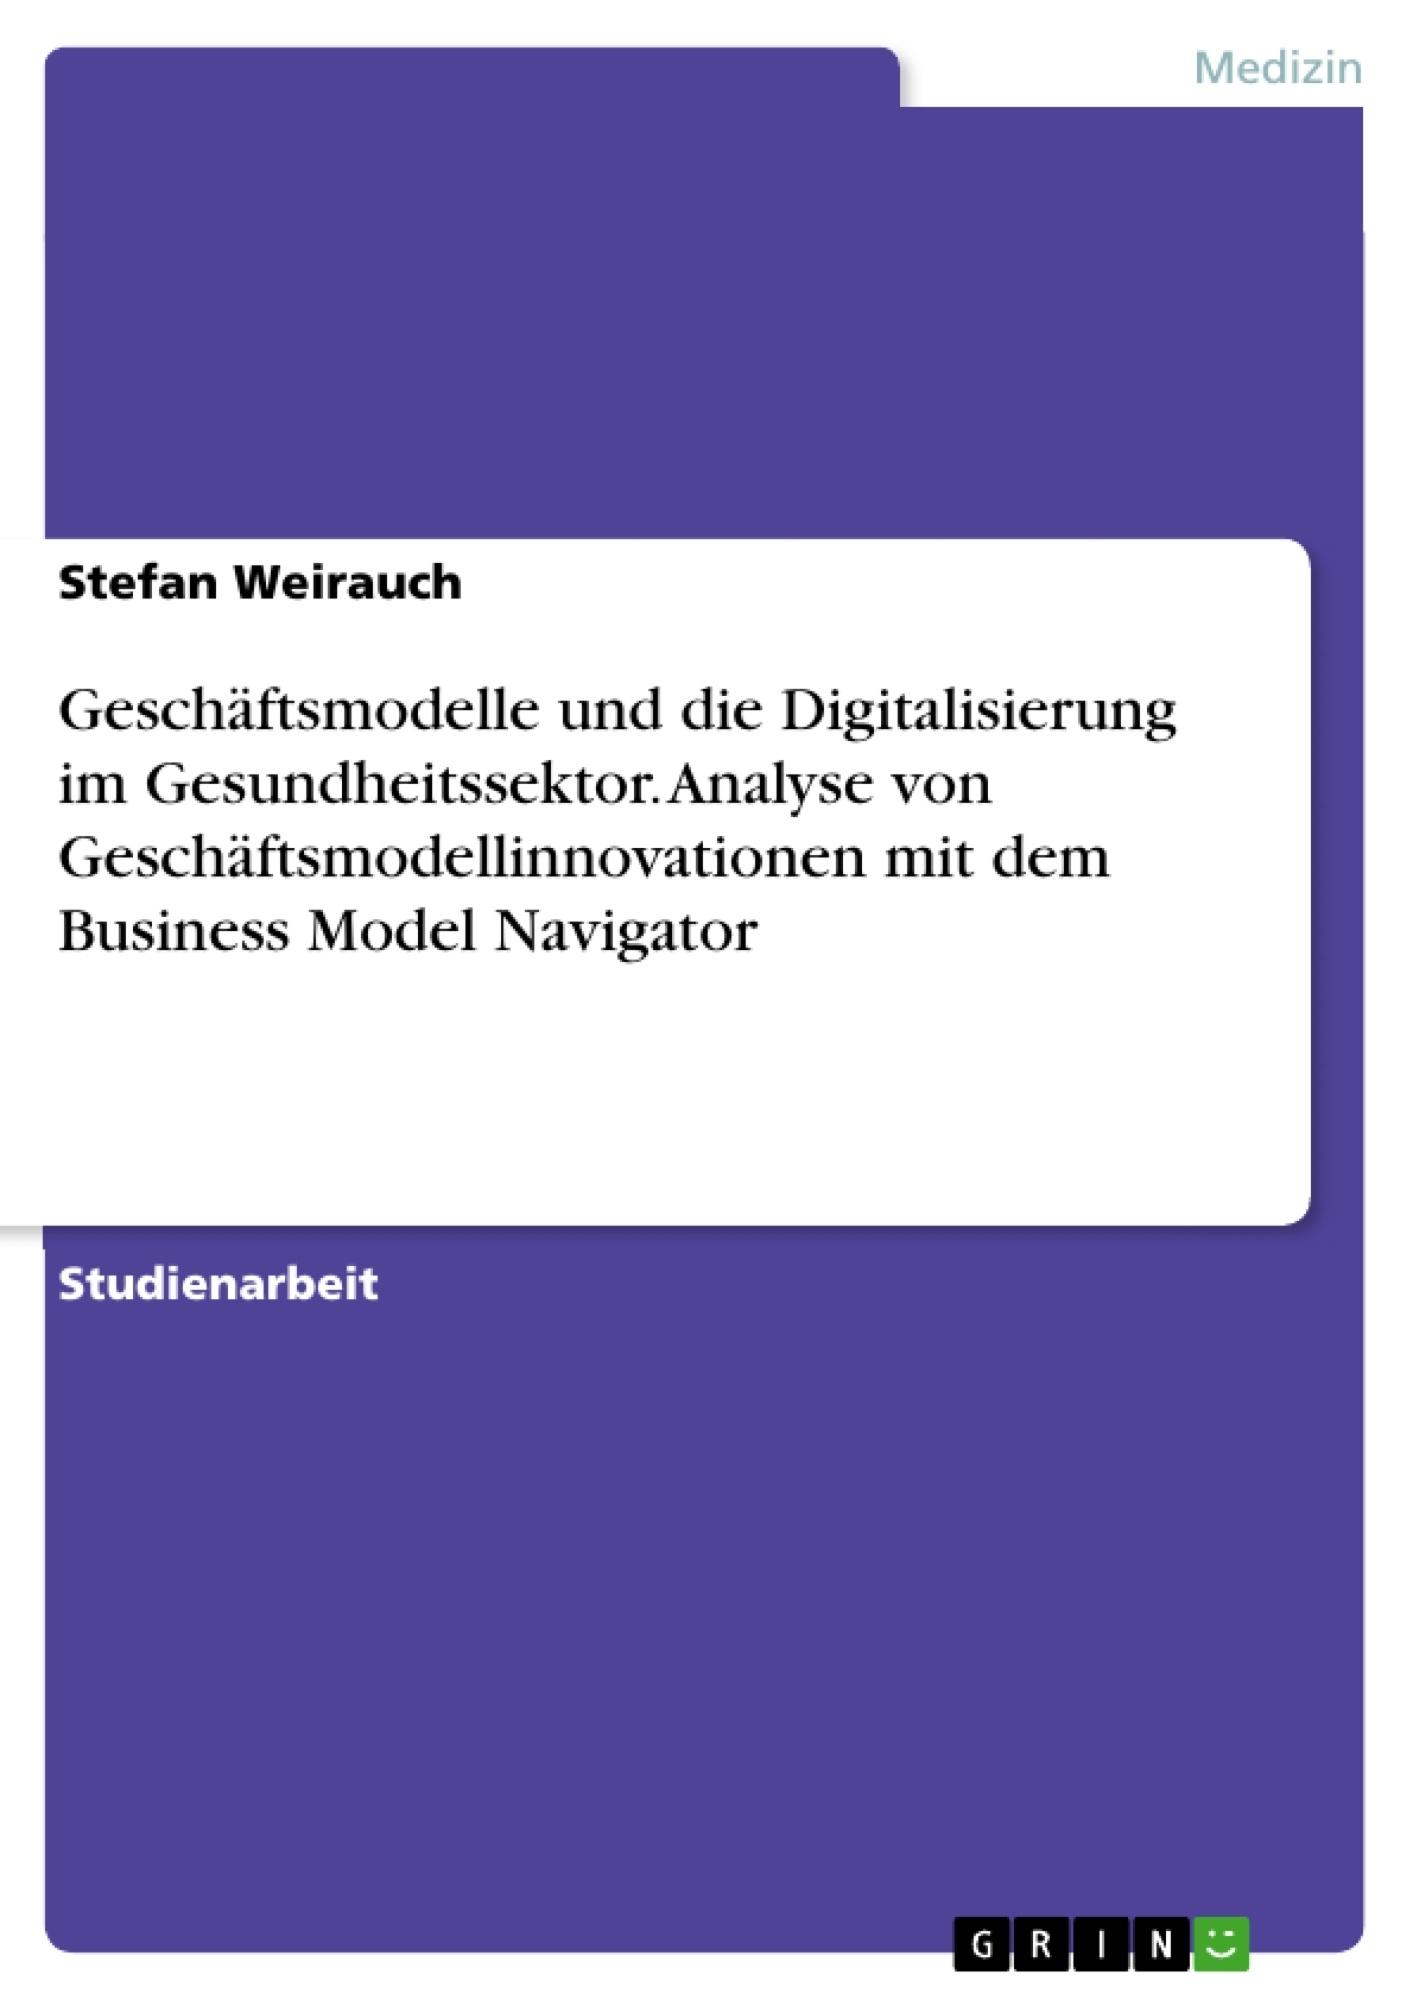 Titel: Geschäftsmodelle und die Digitalisierung im Gesundheitssektor. Analyse von Geschäftsmodellinnovationen mit dem Business Model Navigator